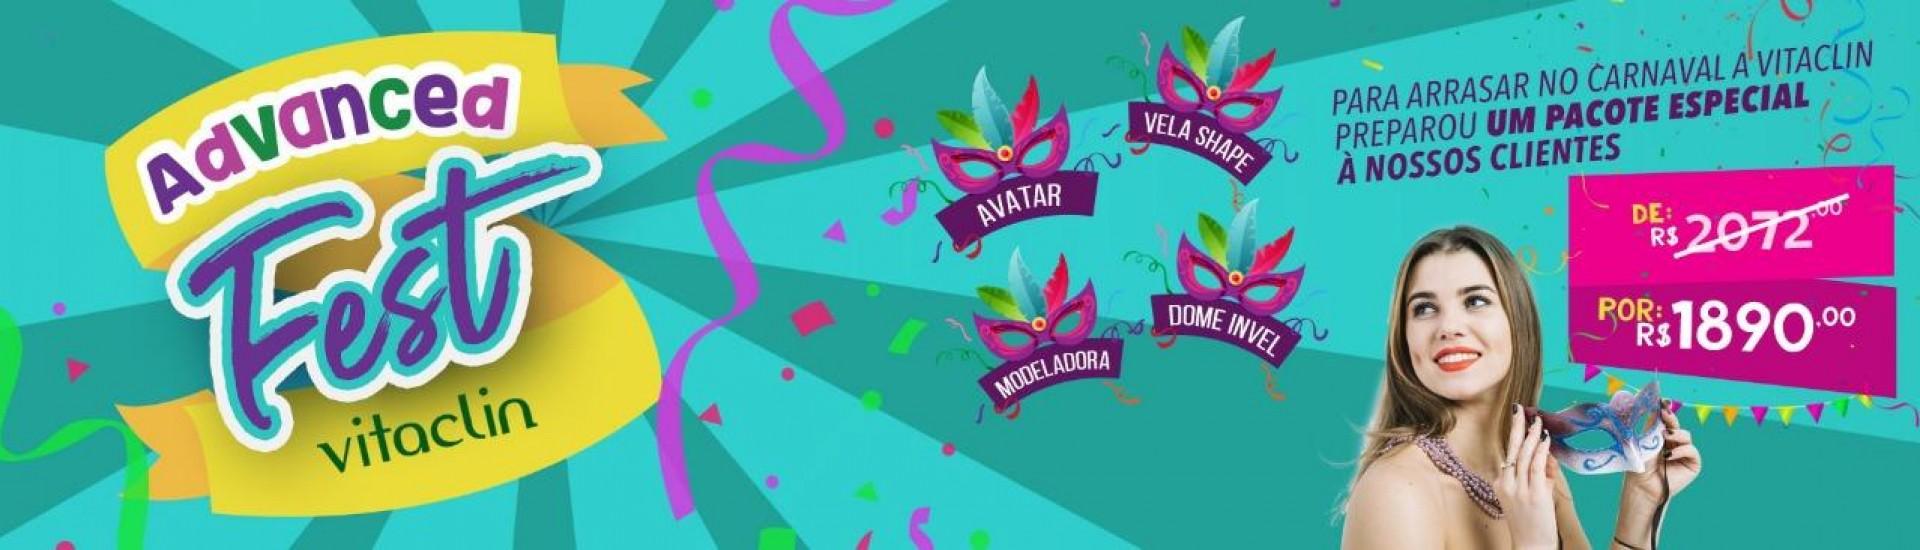 Advanced Fest Vitaclin por R$ 1.890,00